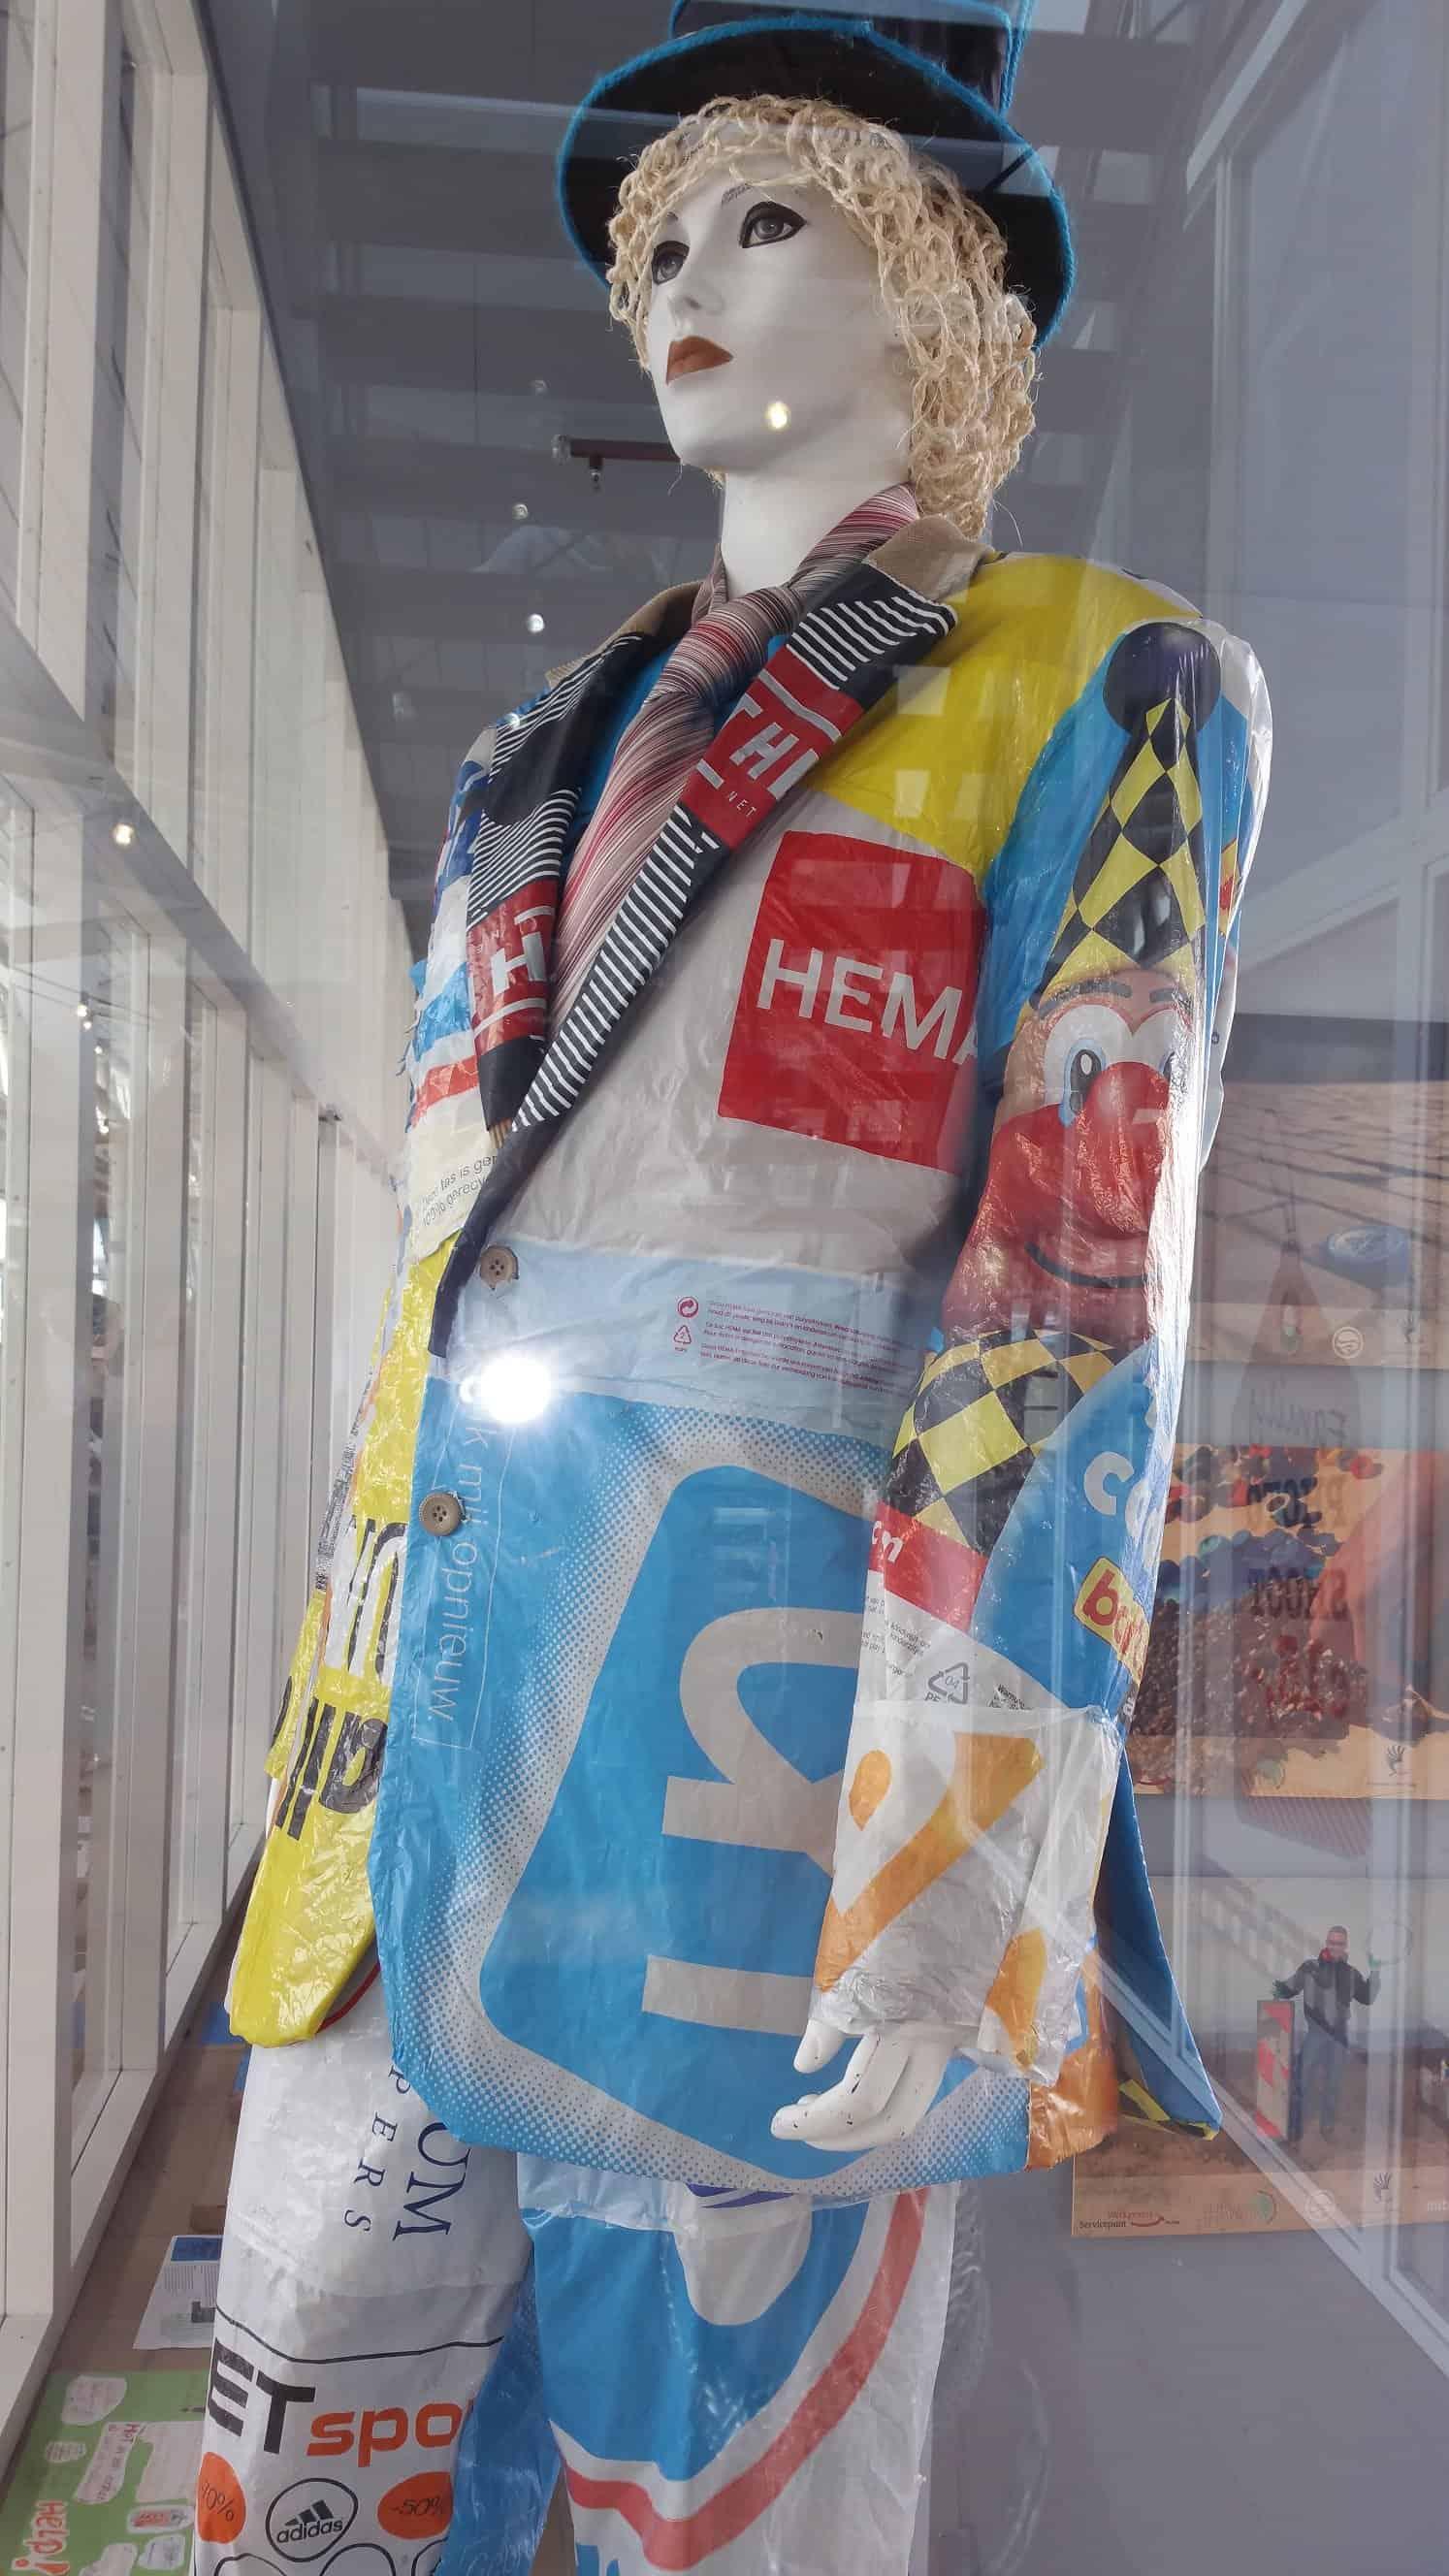 pak gemaakt van plastic draagtassen